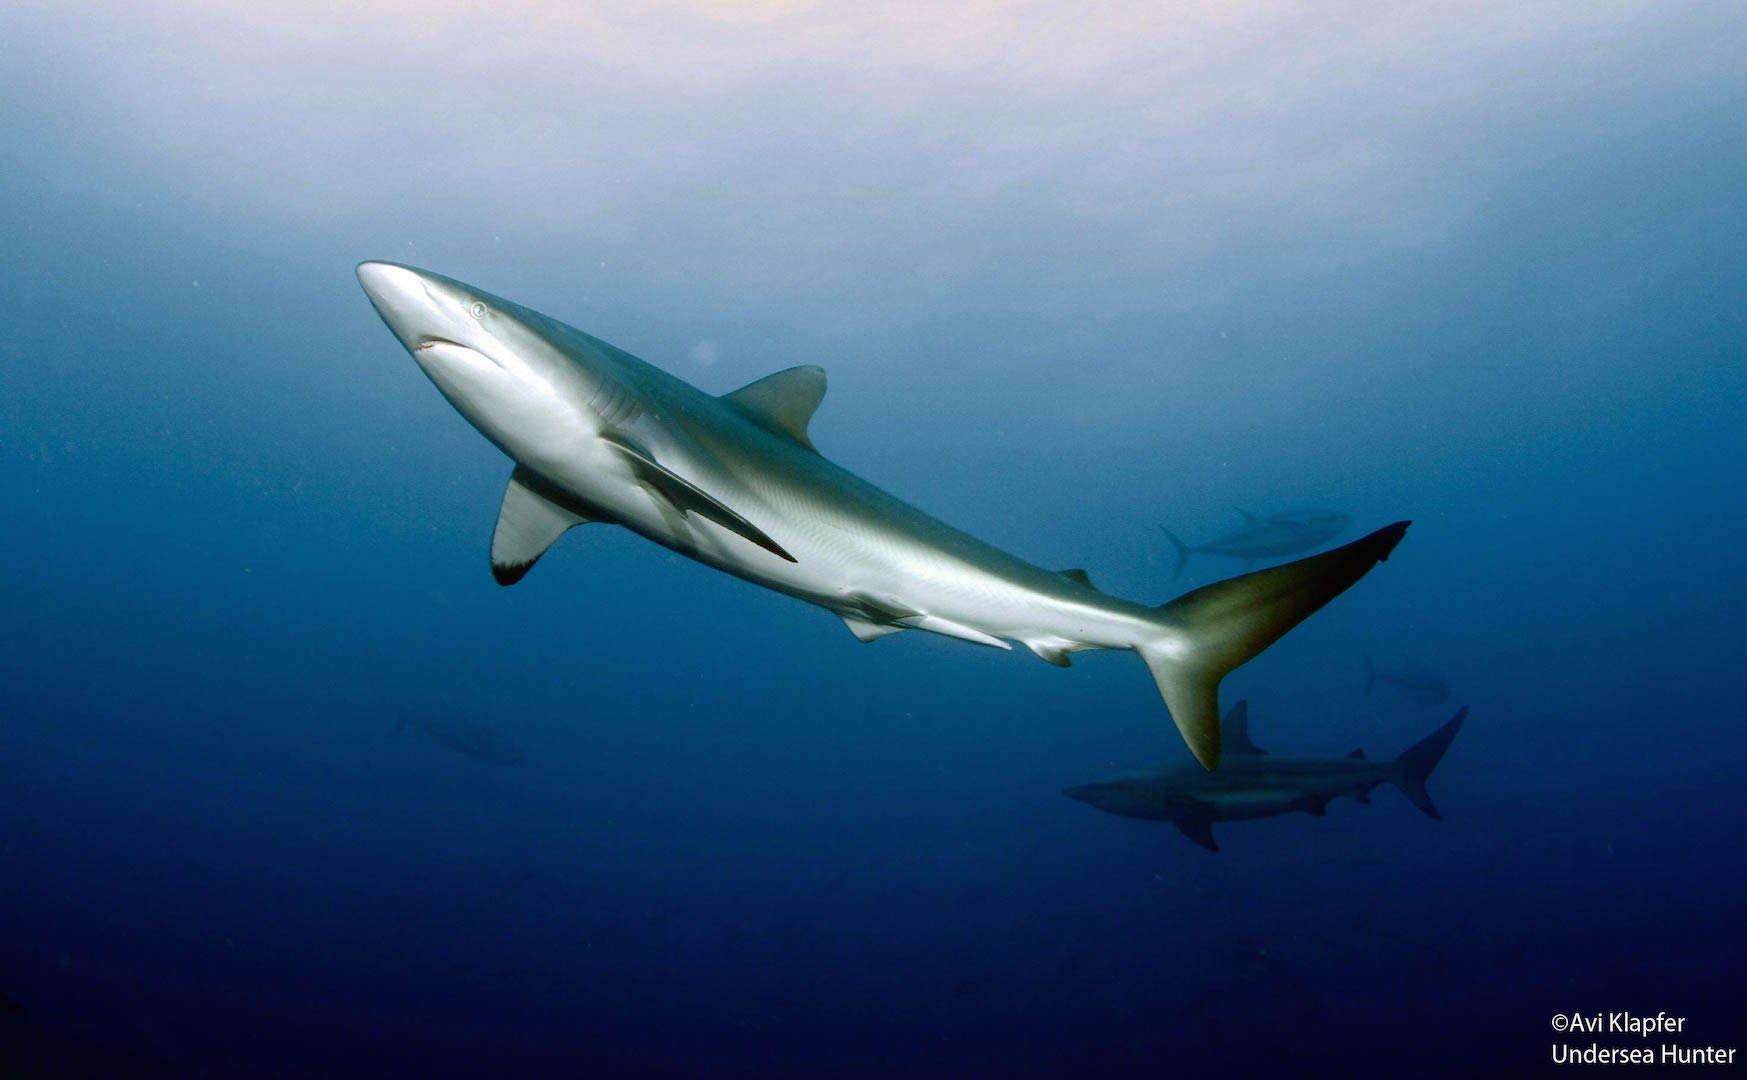 Costa Rica shark conservation